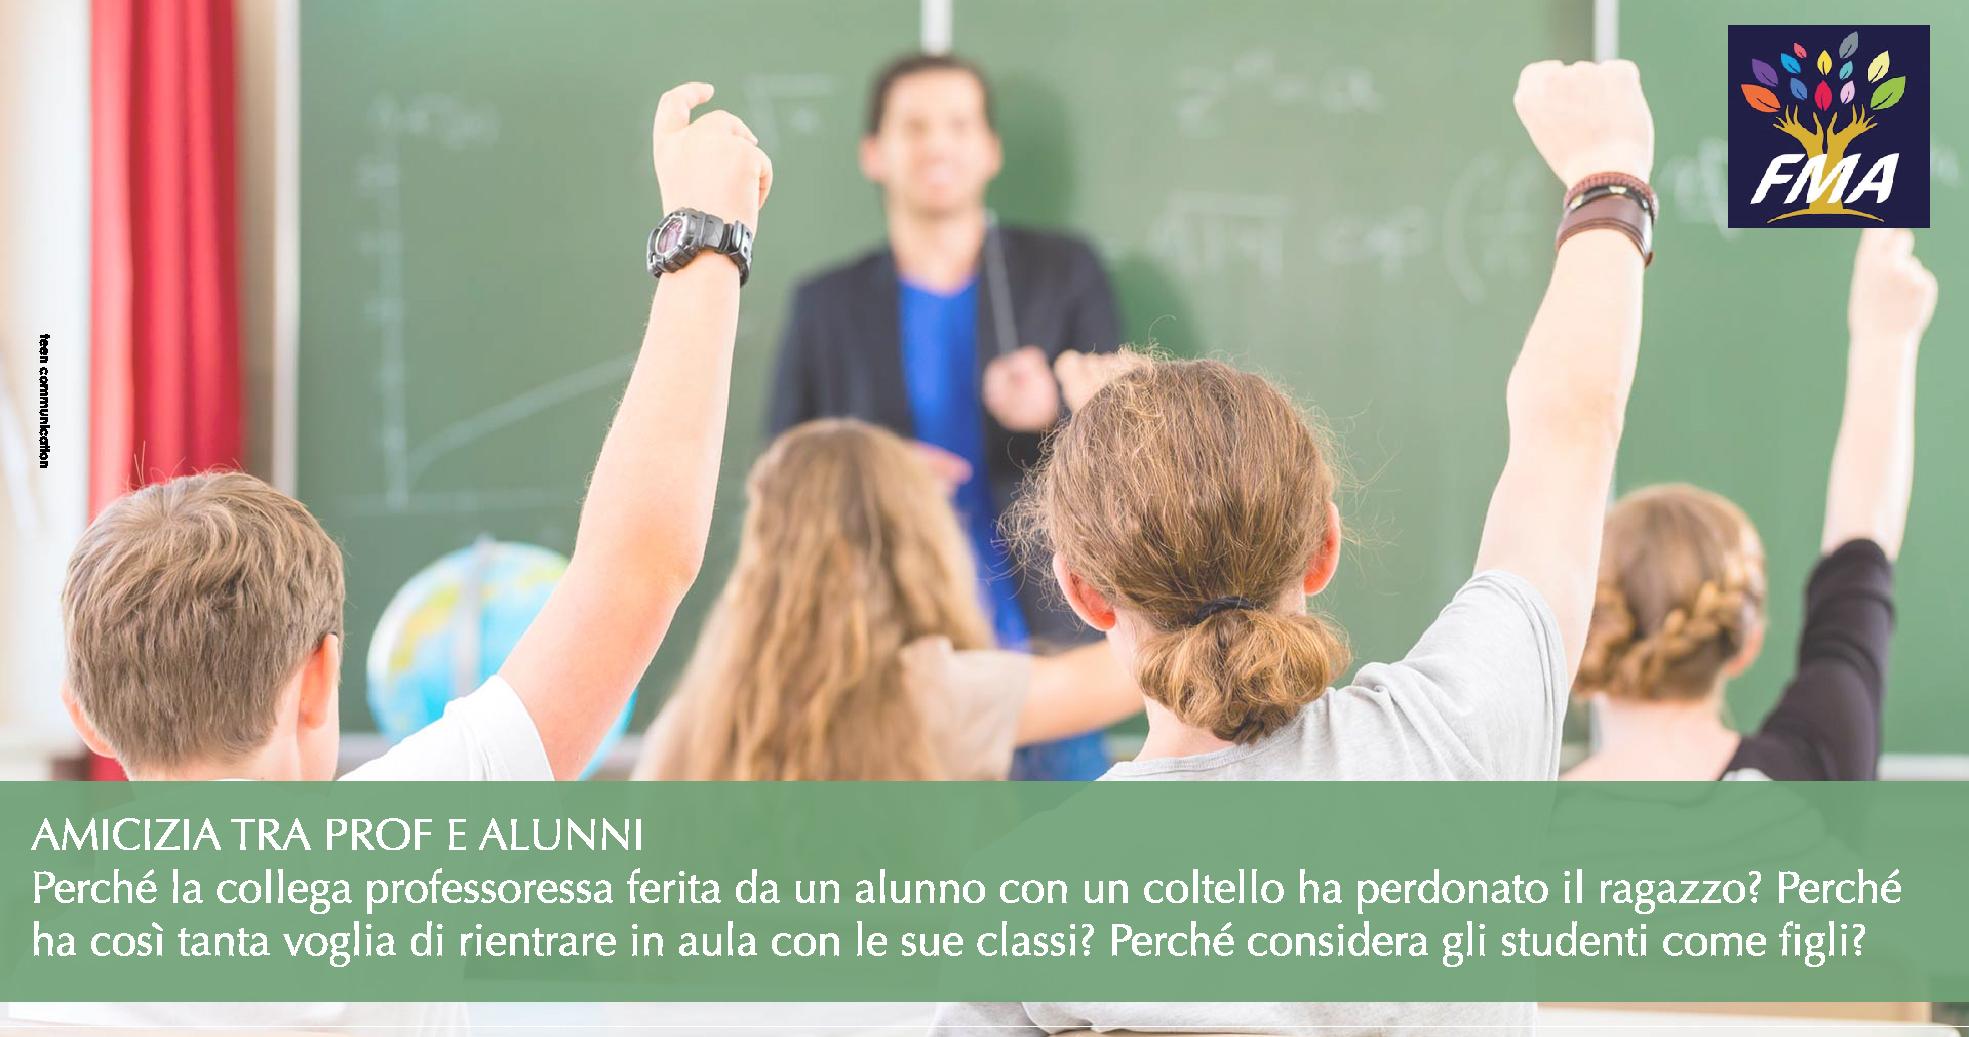 Amicizia tra prof e alunni